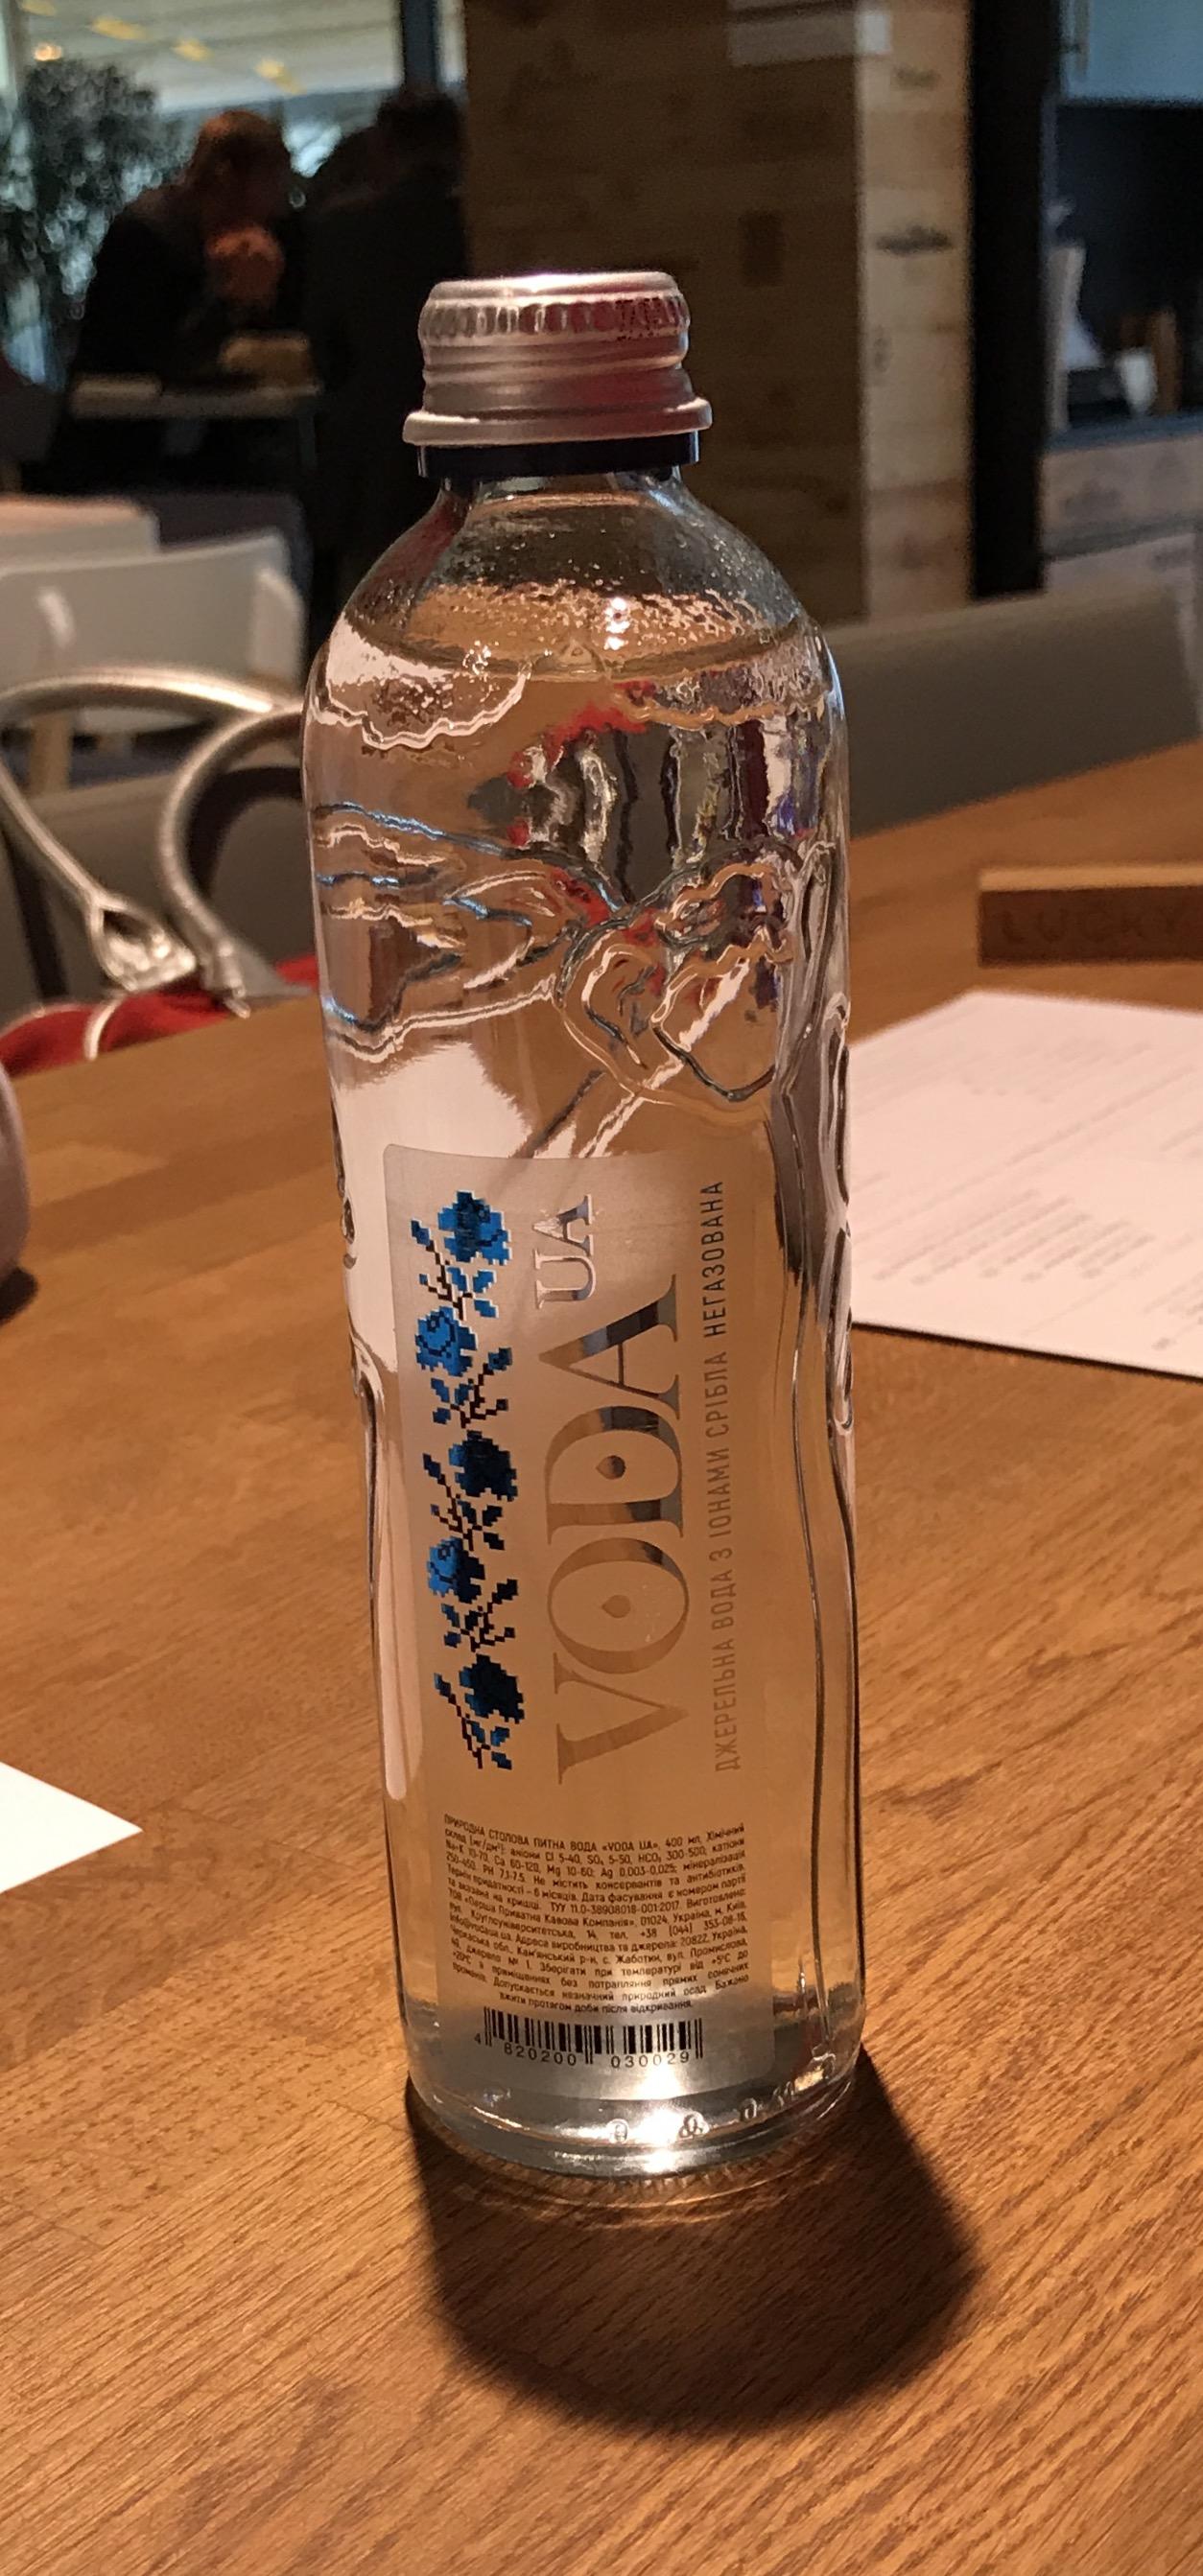 «VODA UA» – абсолютно натуральная родниковая вода, которая не подвергается фильтрации, в ней нет добавок в виде антибиотиков, консервантов и минеральных веществ извне